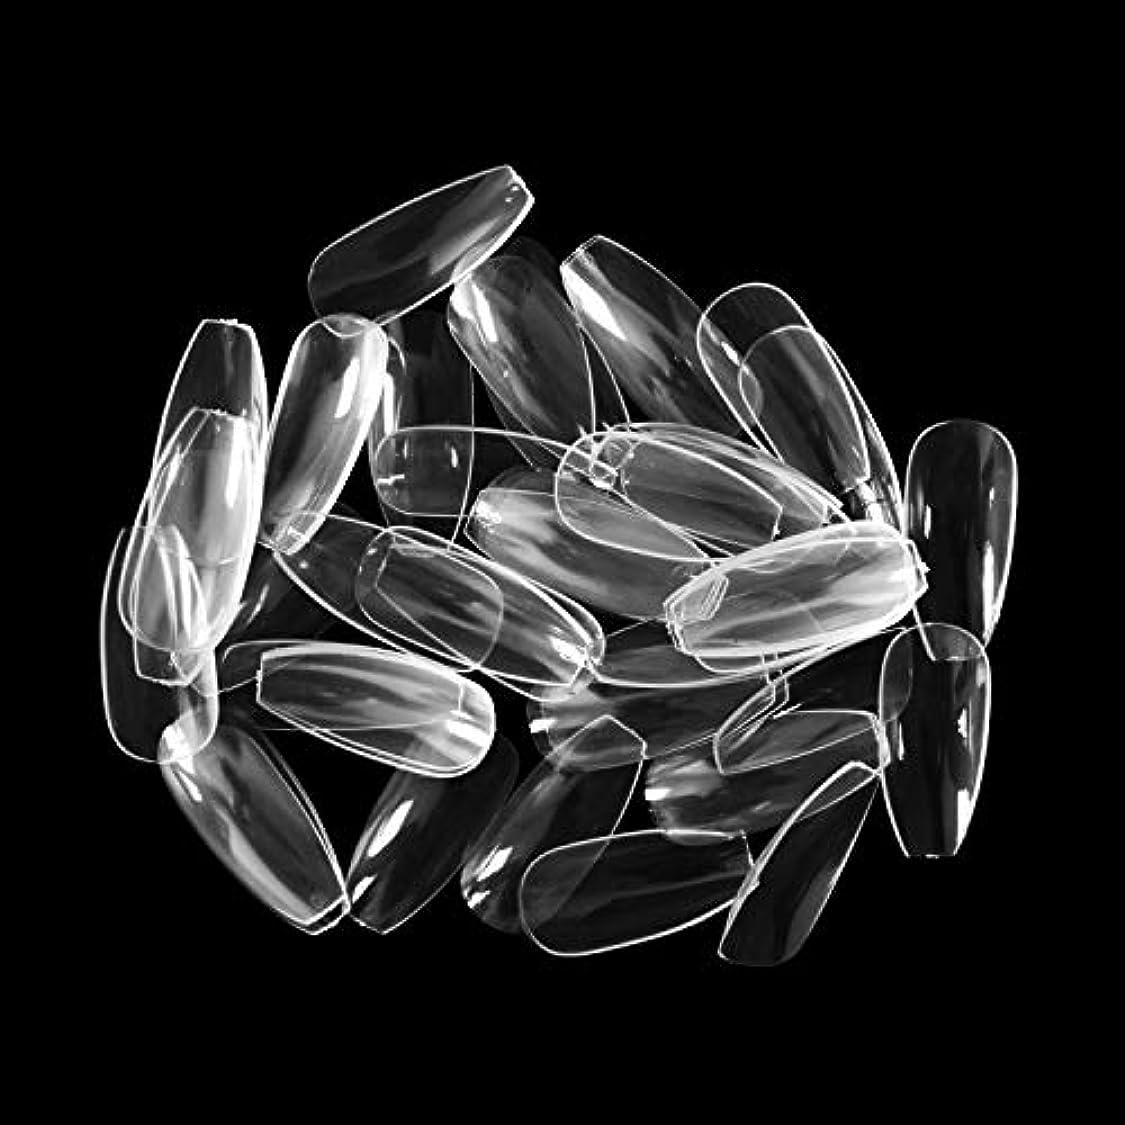 ソビエトディンカルビル寄生虫ネイルチップ Missct つけ爪 無地 ロング スクエア型 600枚入れ 10サイズ 爪にピッタリ 付け爪 練習用 透明 ネイル用品 デコレーション ネイルアート